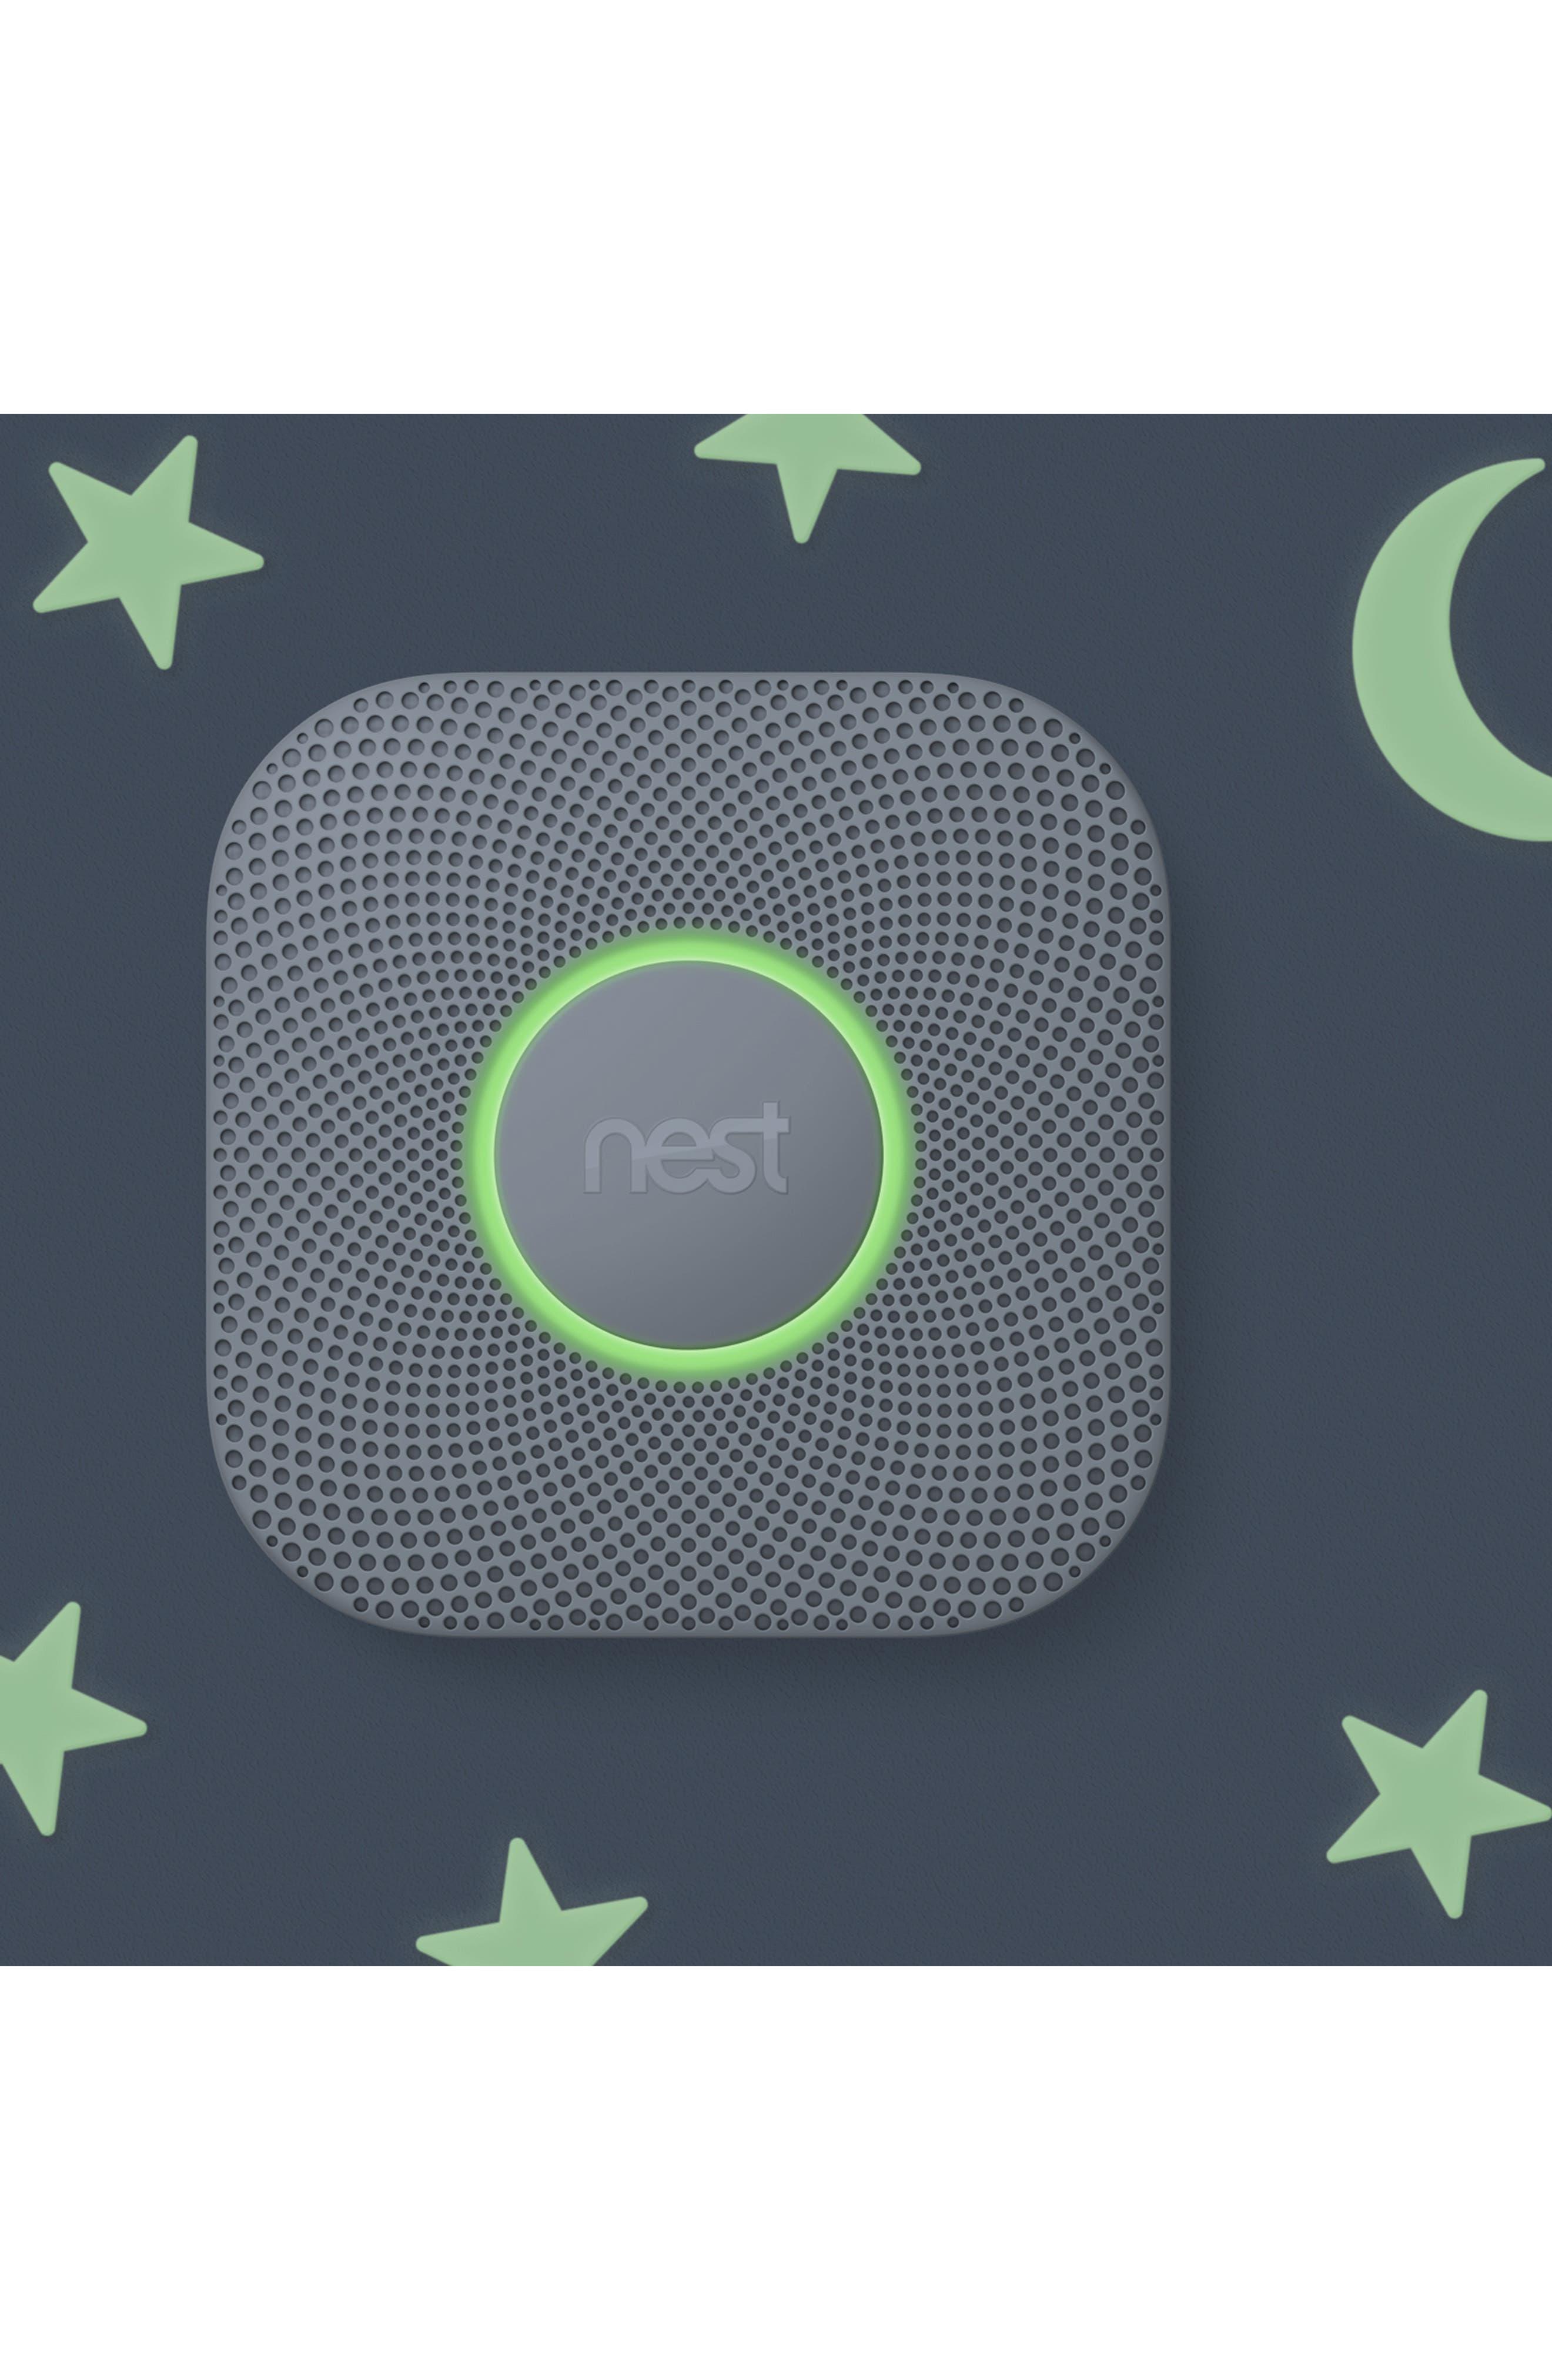 NEST, Protect Smoke & Carbon Monoxide Alarm, Alternate thumbnail 2, color, 100